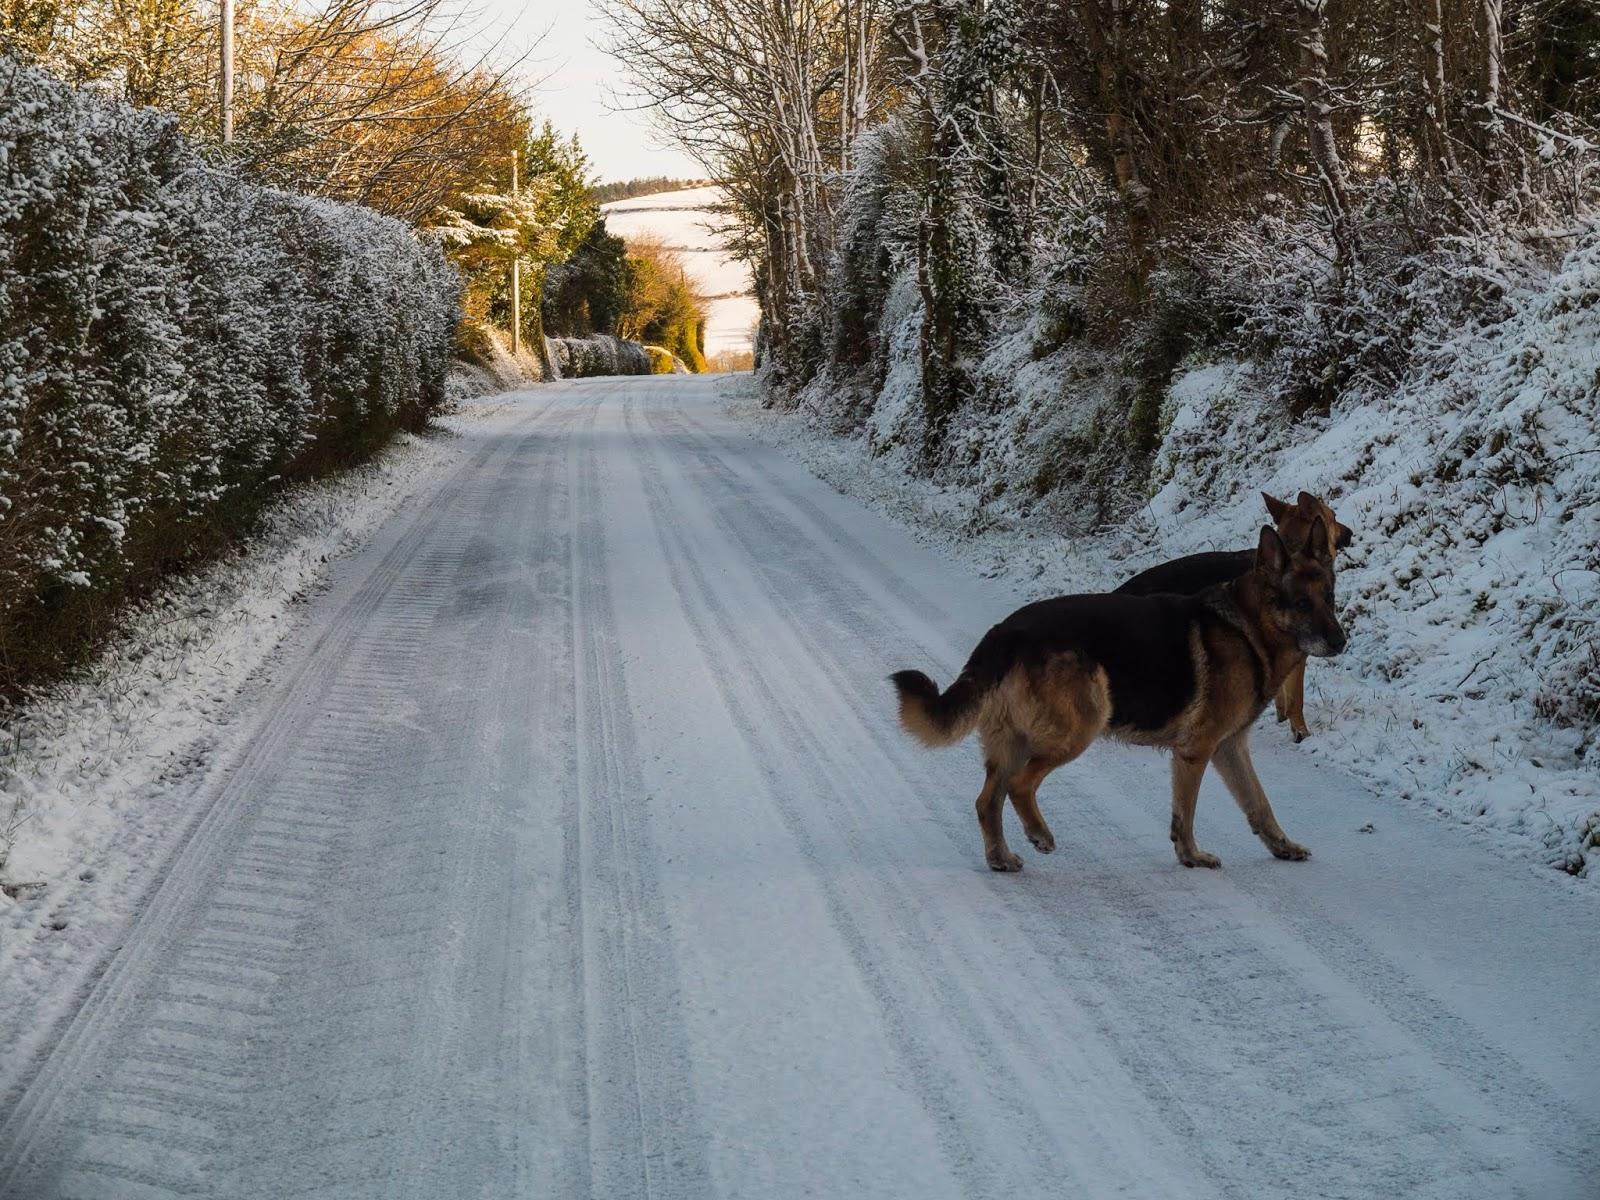 Two German Shepherds on a snowy road.